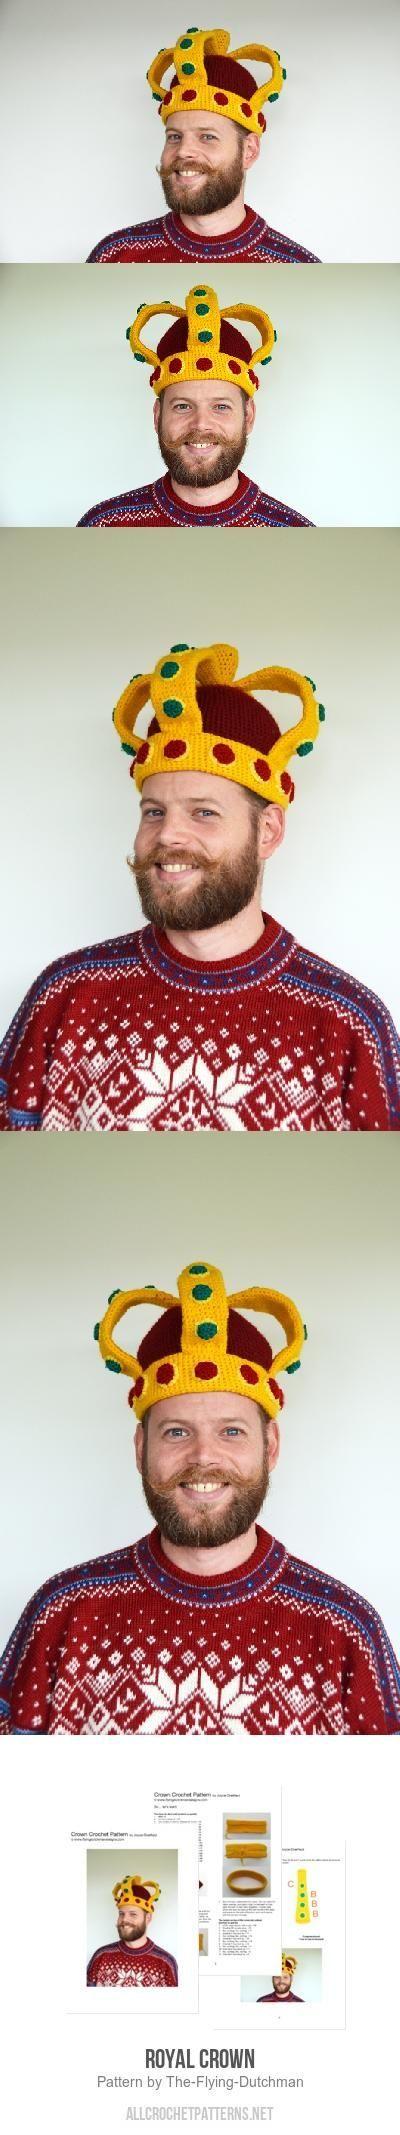 Royal Crown crochet pattern #crownscrocheted Royal Crown crochet pattern #crownscrocheted